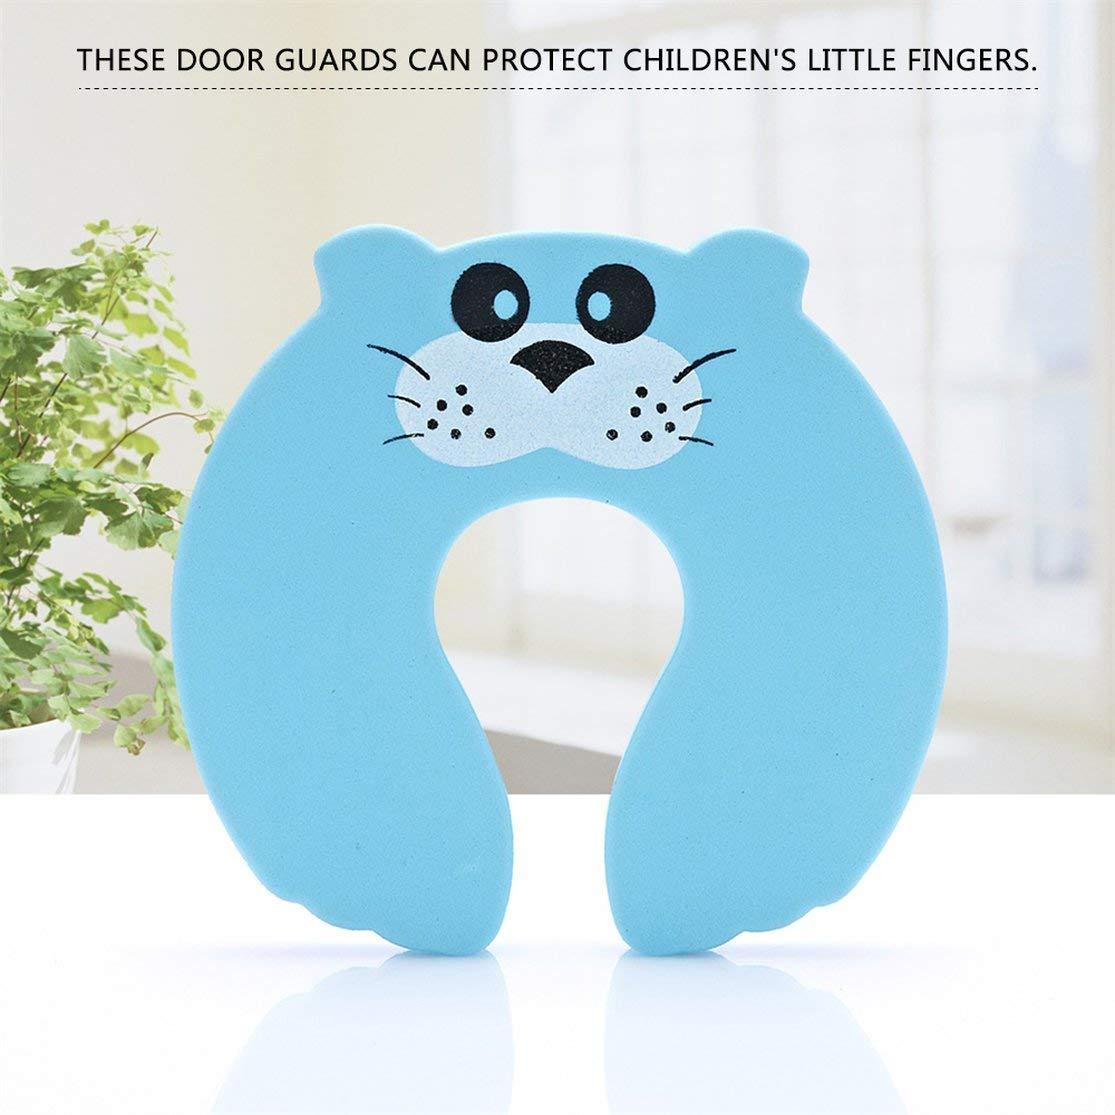 Candyboom 2 Unids Ni/ños Beb/é de Dibujos Animados Animal Jammers Stop Door para Guardia de la Puerta de los Guardias de Los Ni/ños de Bloqueo de Seguridad Protector de Dedo